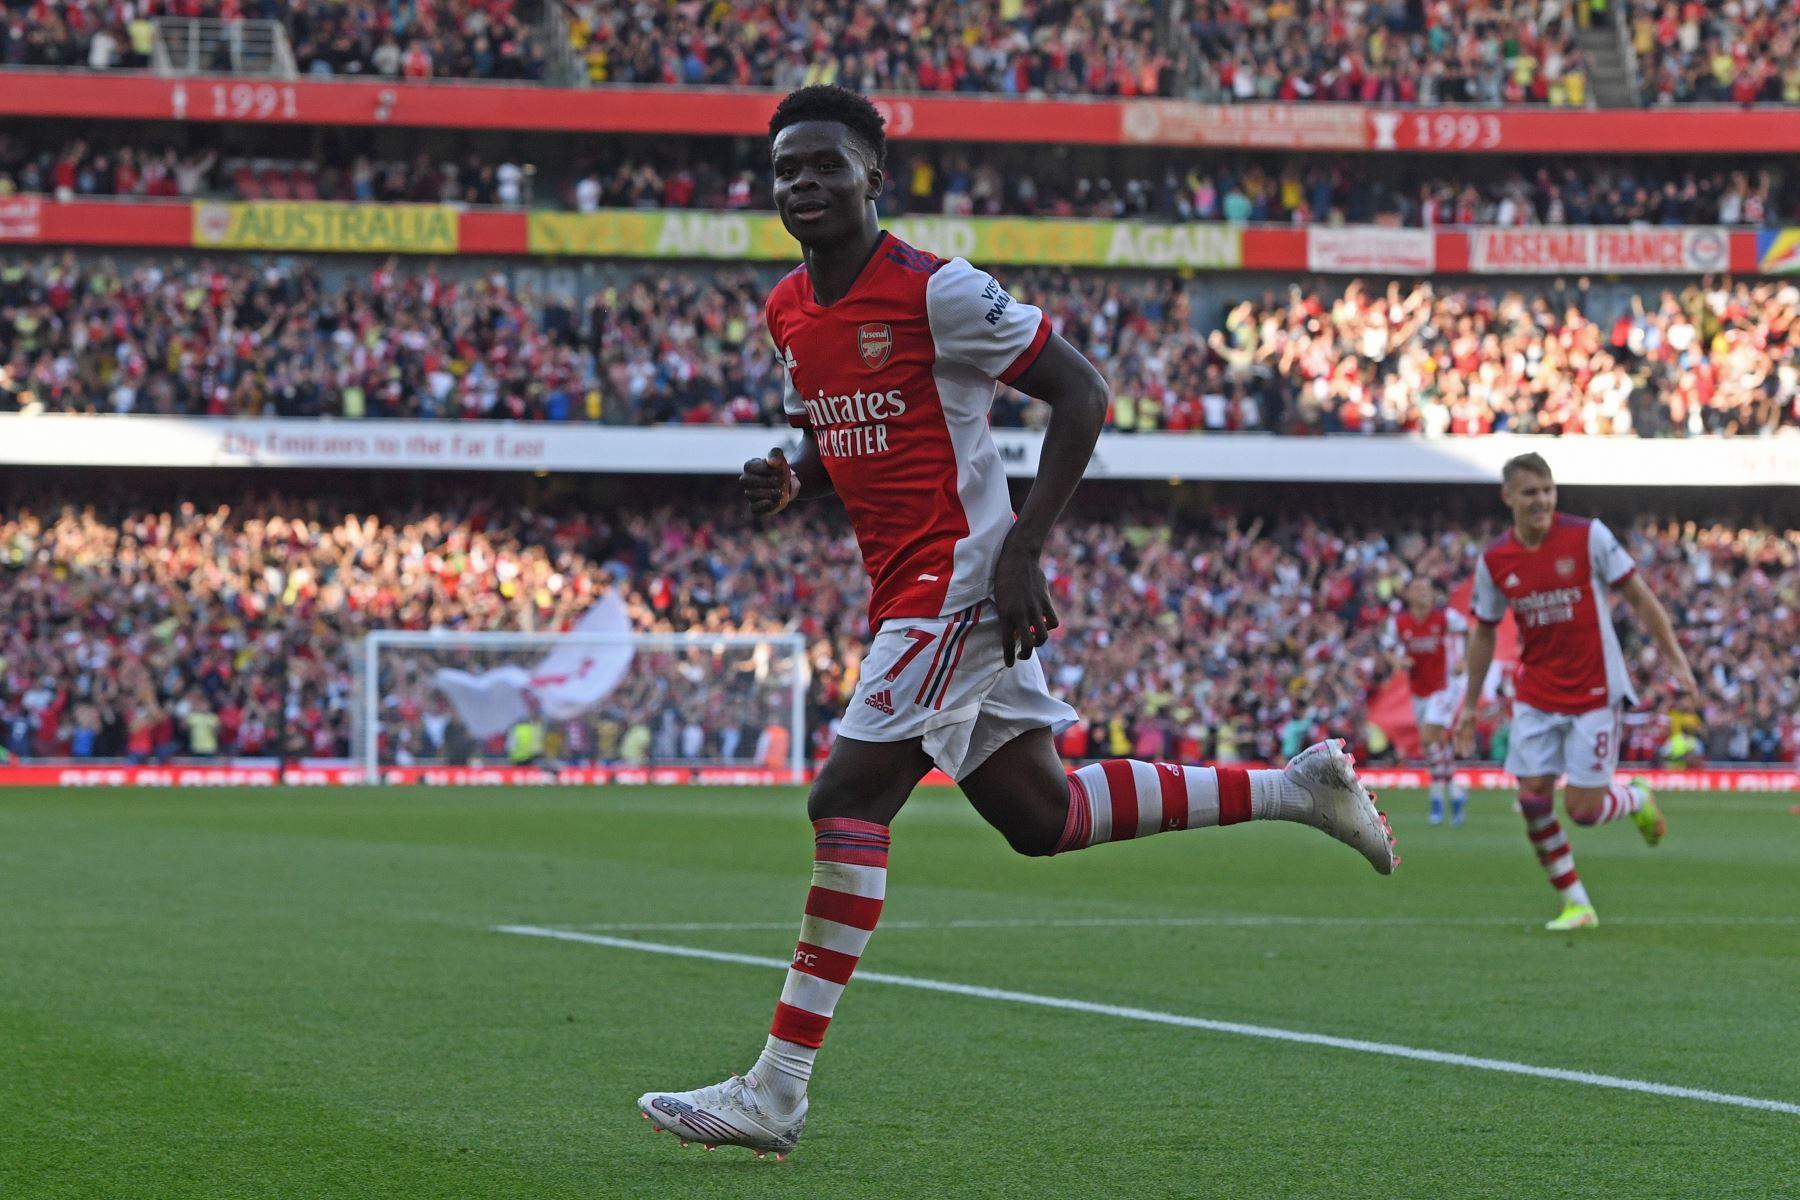 Bukayo Saka del Arsenal celebra tras anotar el 3-0 durante el partido de de la Premier League, en Londres. Foto: EFe